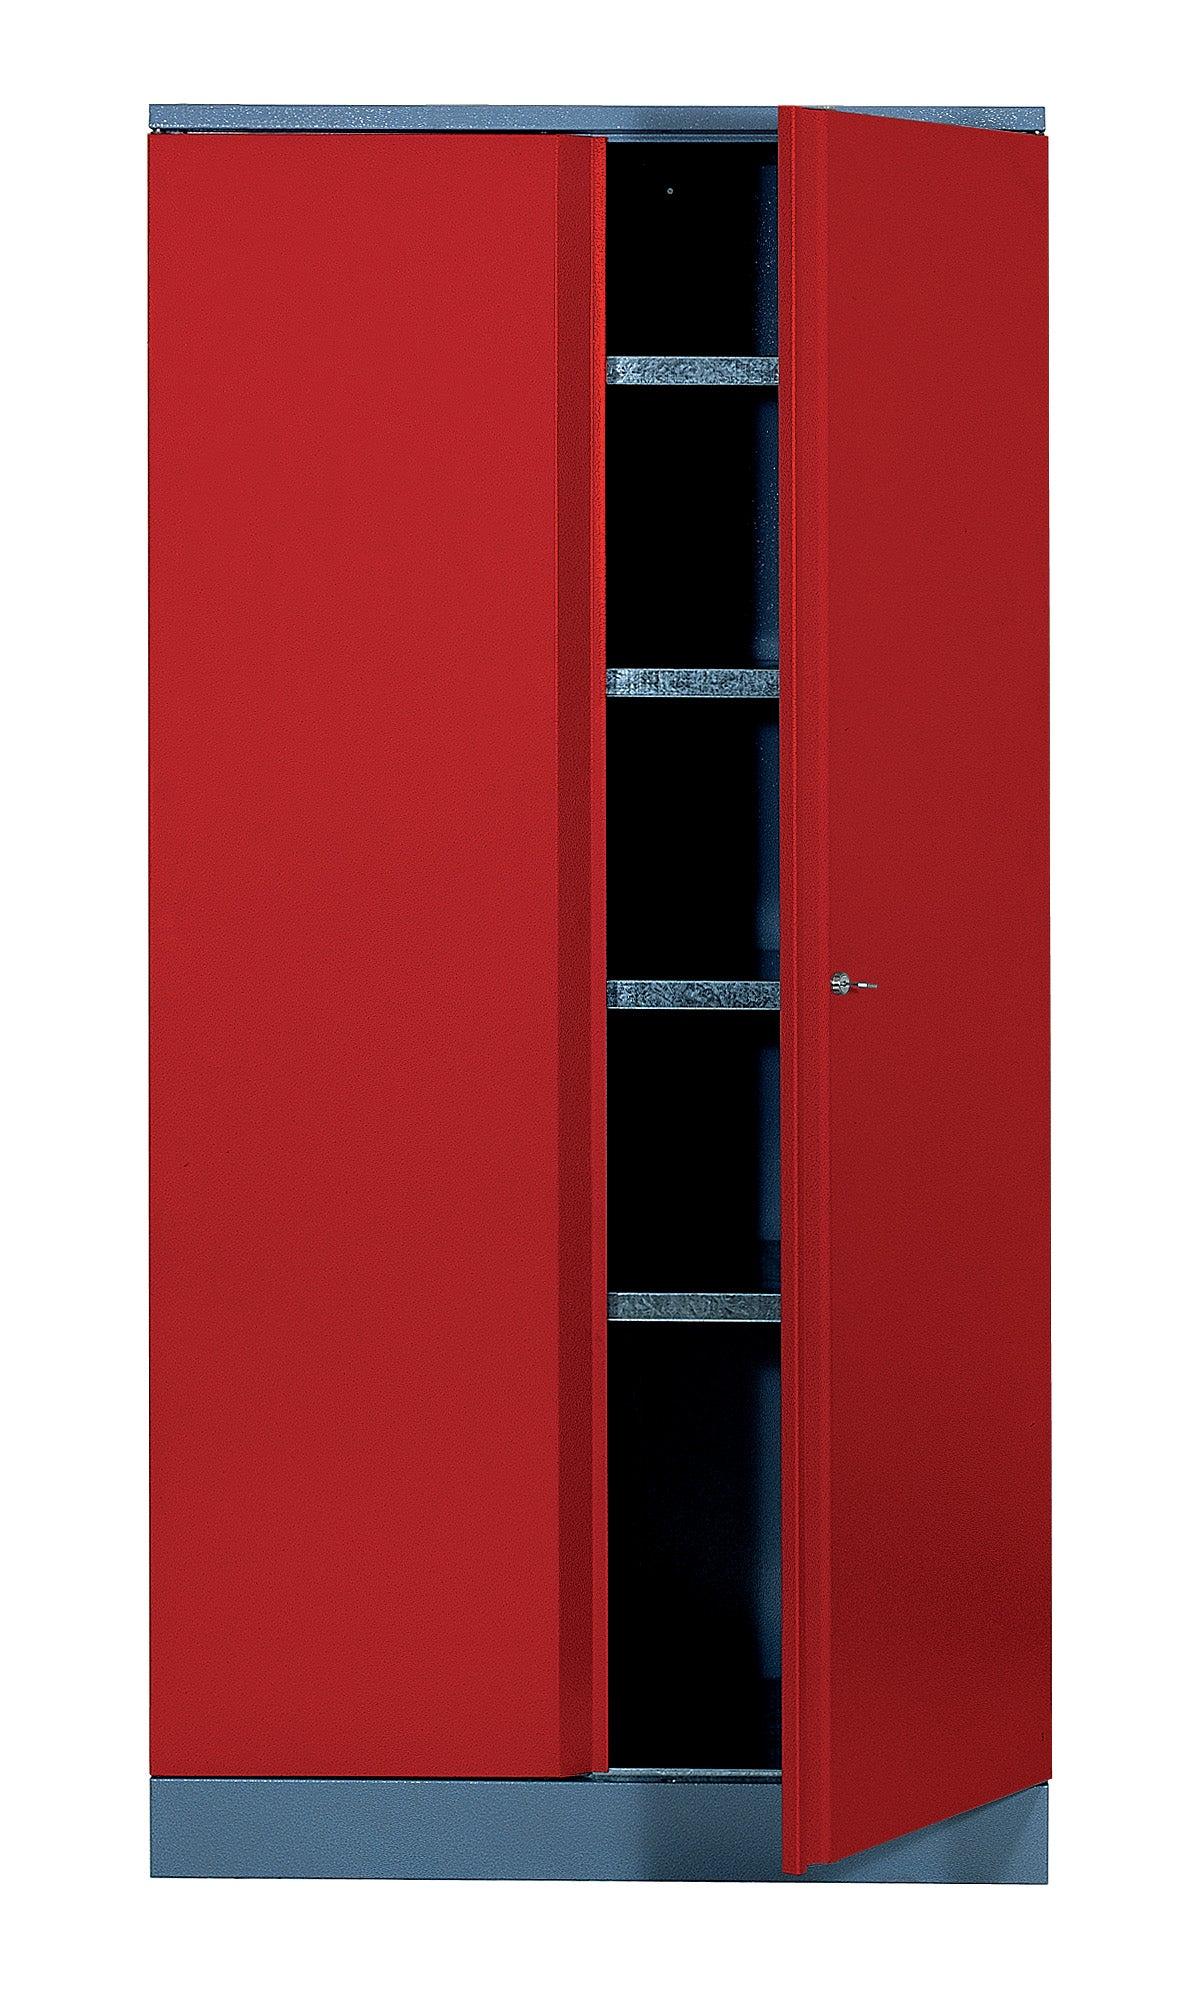 Armoire De Rangement En Metal Rouge Kupper 45 5 Cm 2 Portes Leroy Merlin